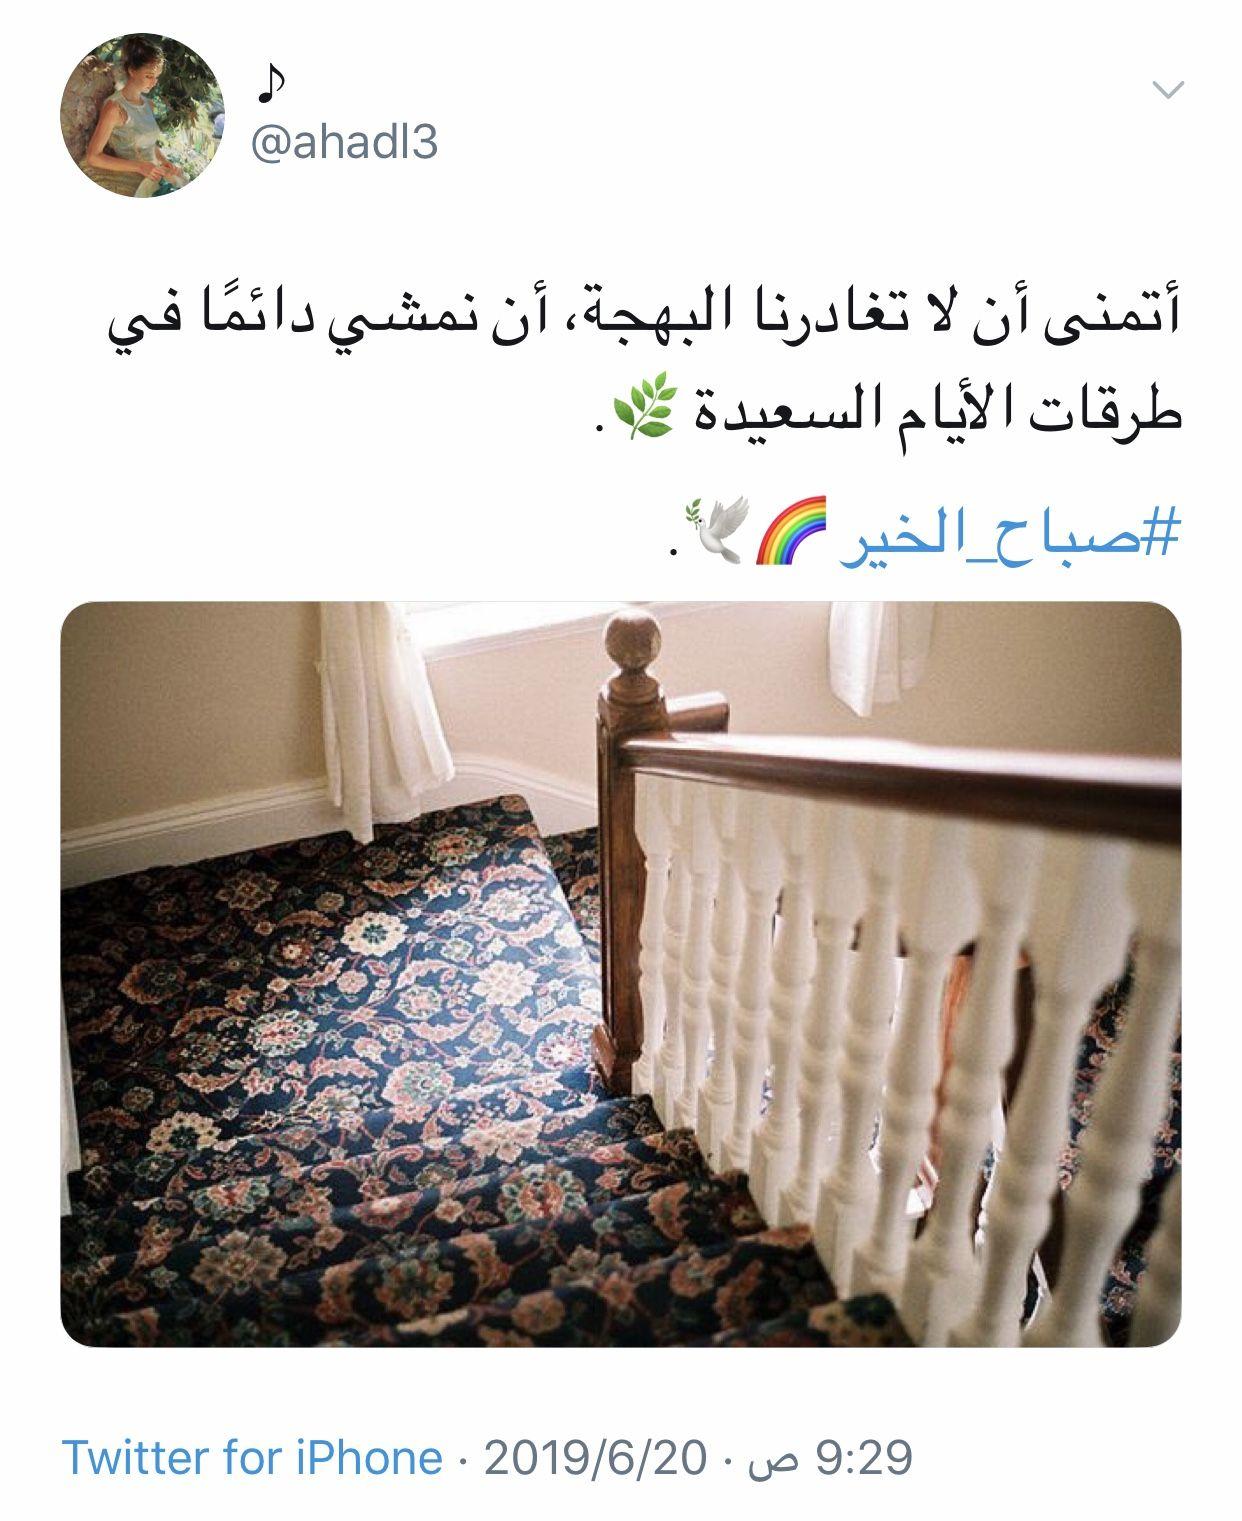 تويتر عربي اقتباس اقتباسات تمبلر Home Decor Decor Med School